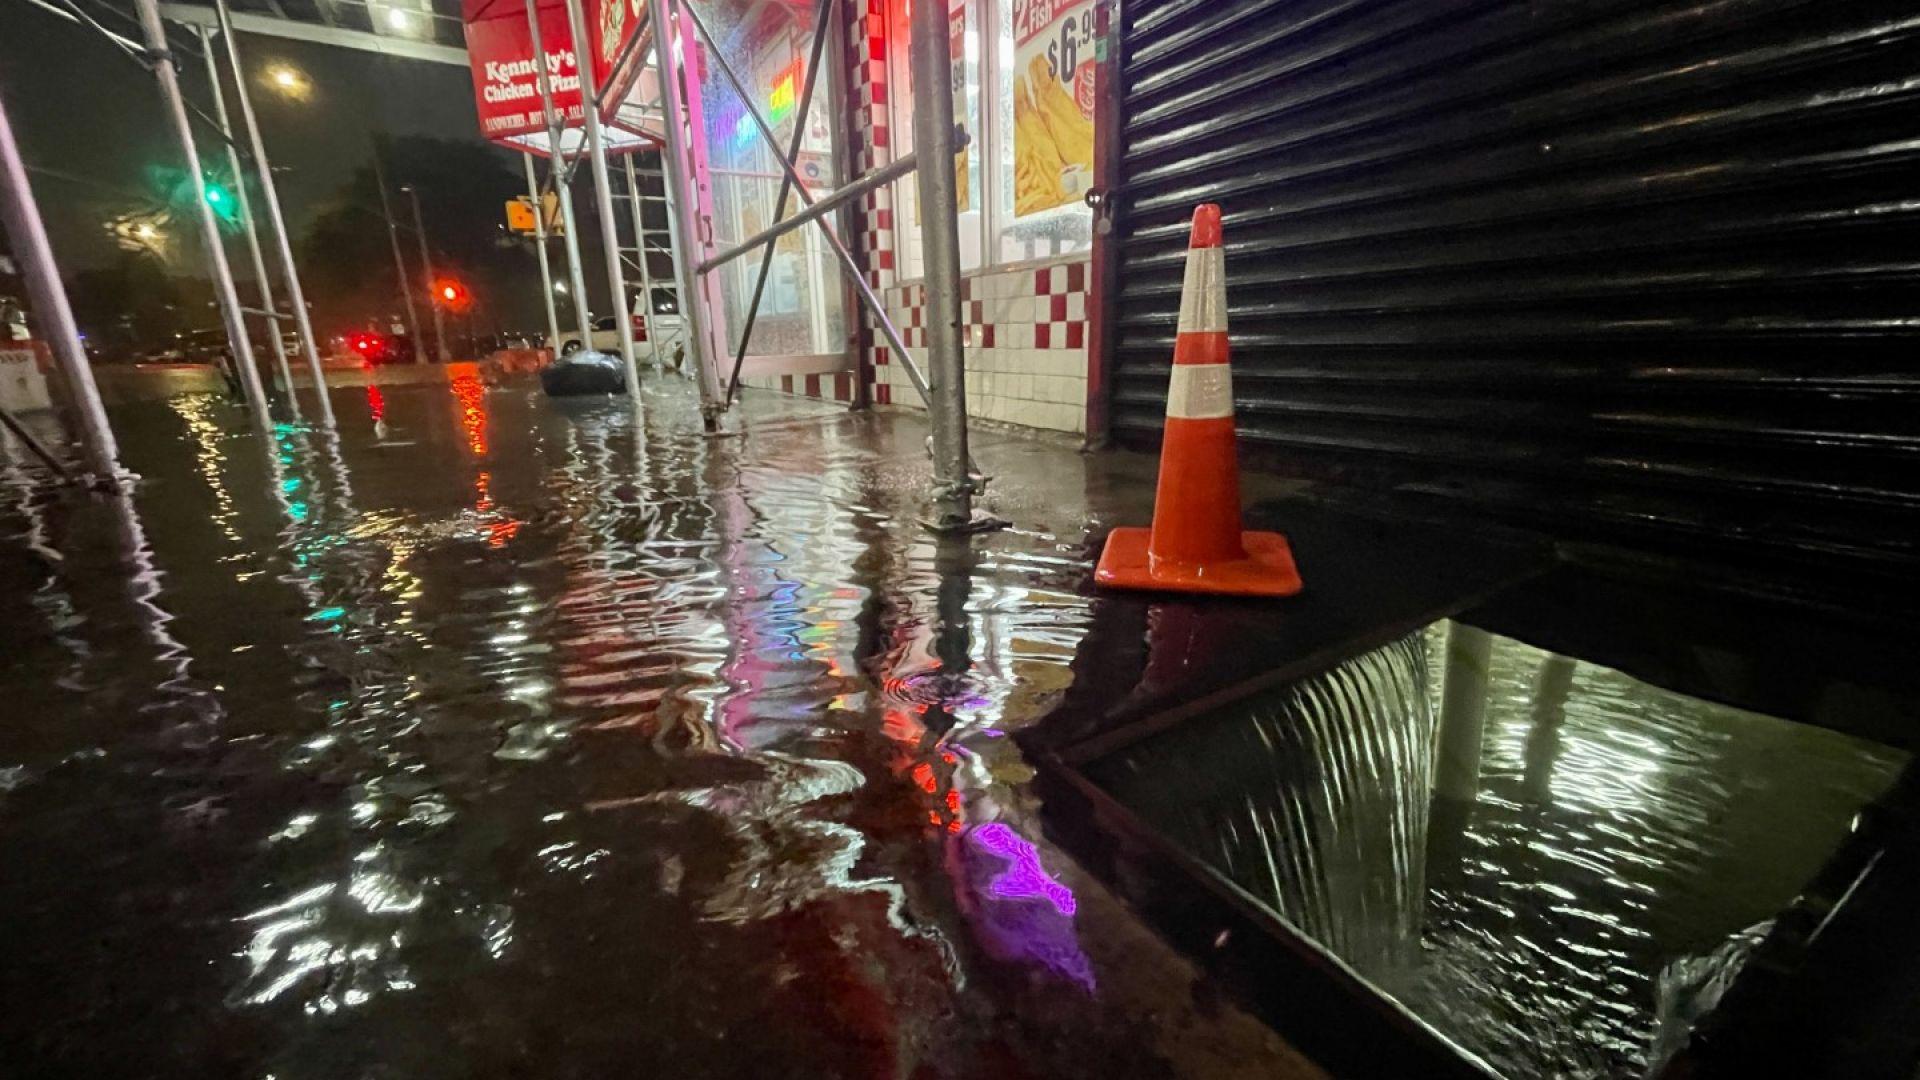 """Ураганът """"Айда"""" опустоши Ню Йорк и Ню Джърси и взе жертви (снимки и видео)"""